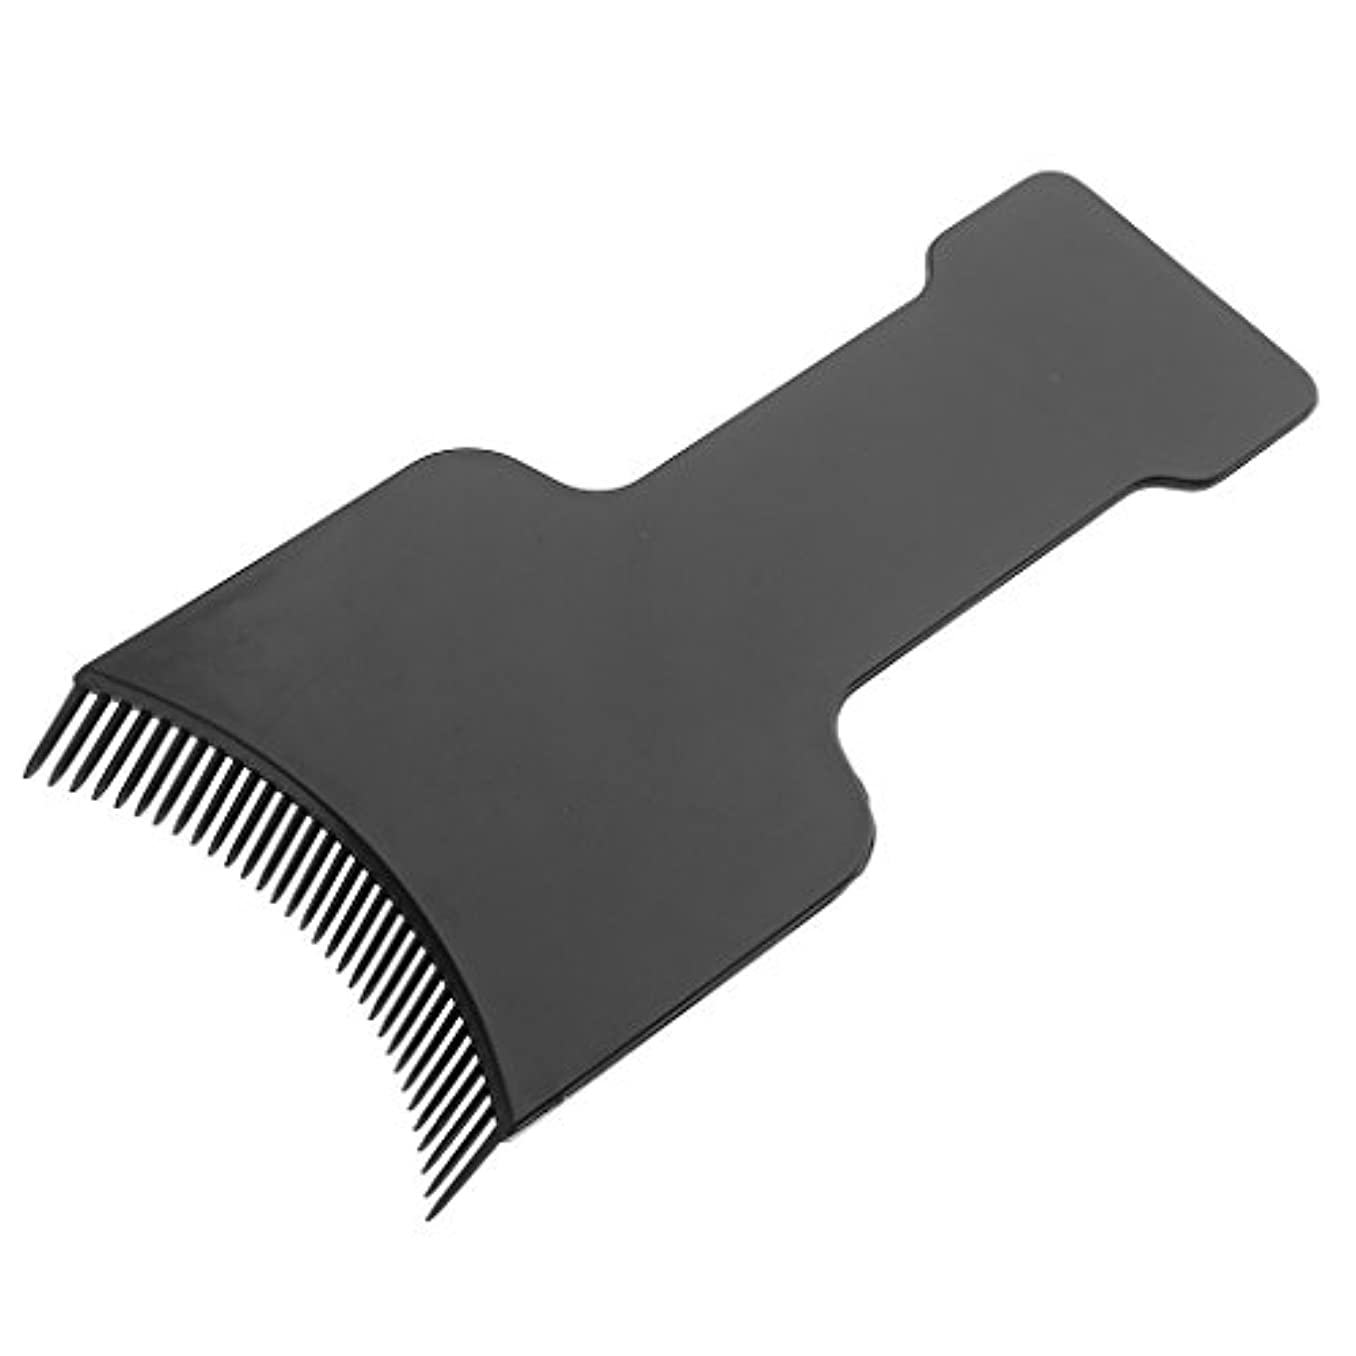 やる圧縮する同意するサロン ヘアカラー ボード ヘアカラーティント 美容 ヘア ツール 髪 保護 ブラック 全4サイズ - S